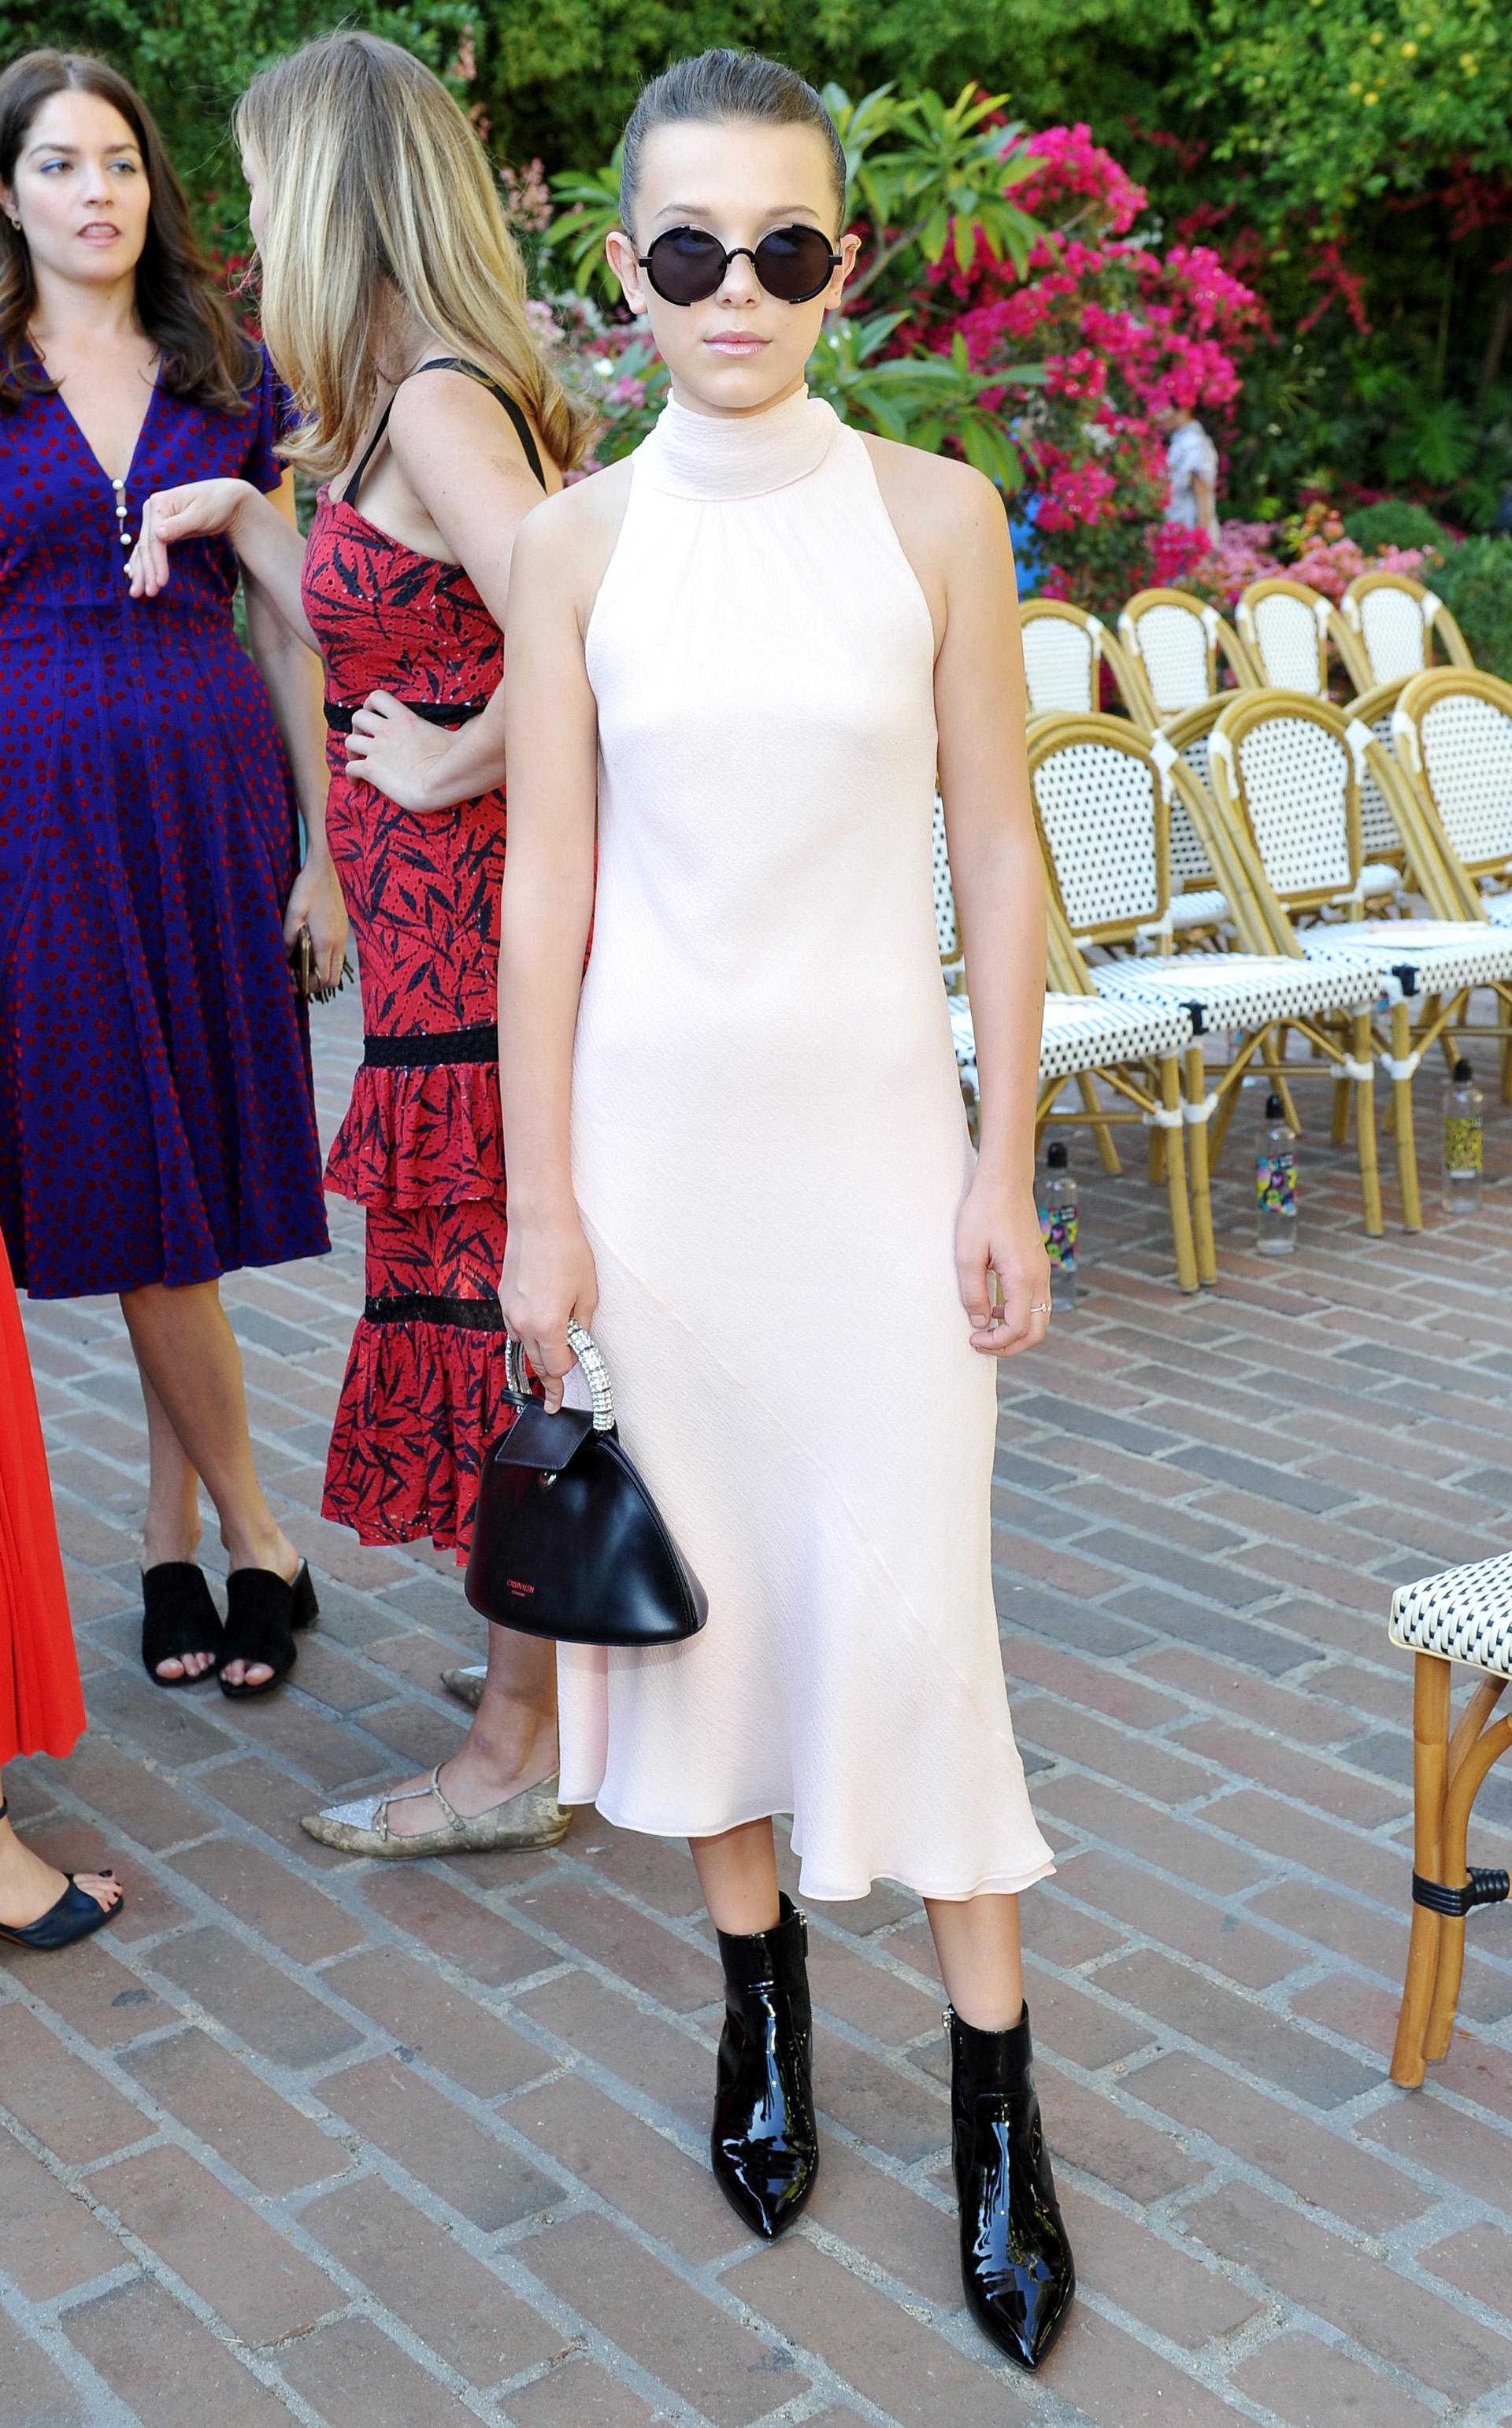 Millie Bobby Brown durante el desfile CFDA para Vogue, con un vestido en rosa empolvado de corte asimétrico de la firma Calvin Klein que rápidamente se convirtió en viral. Su presencia en la primera fila ya es moneda corriente